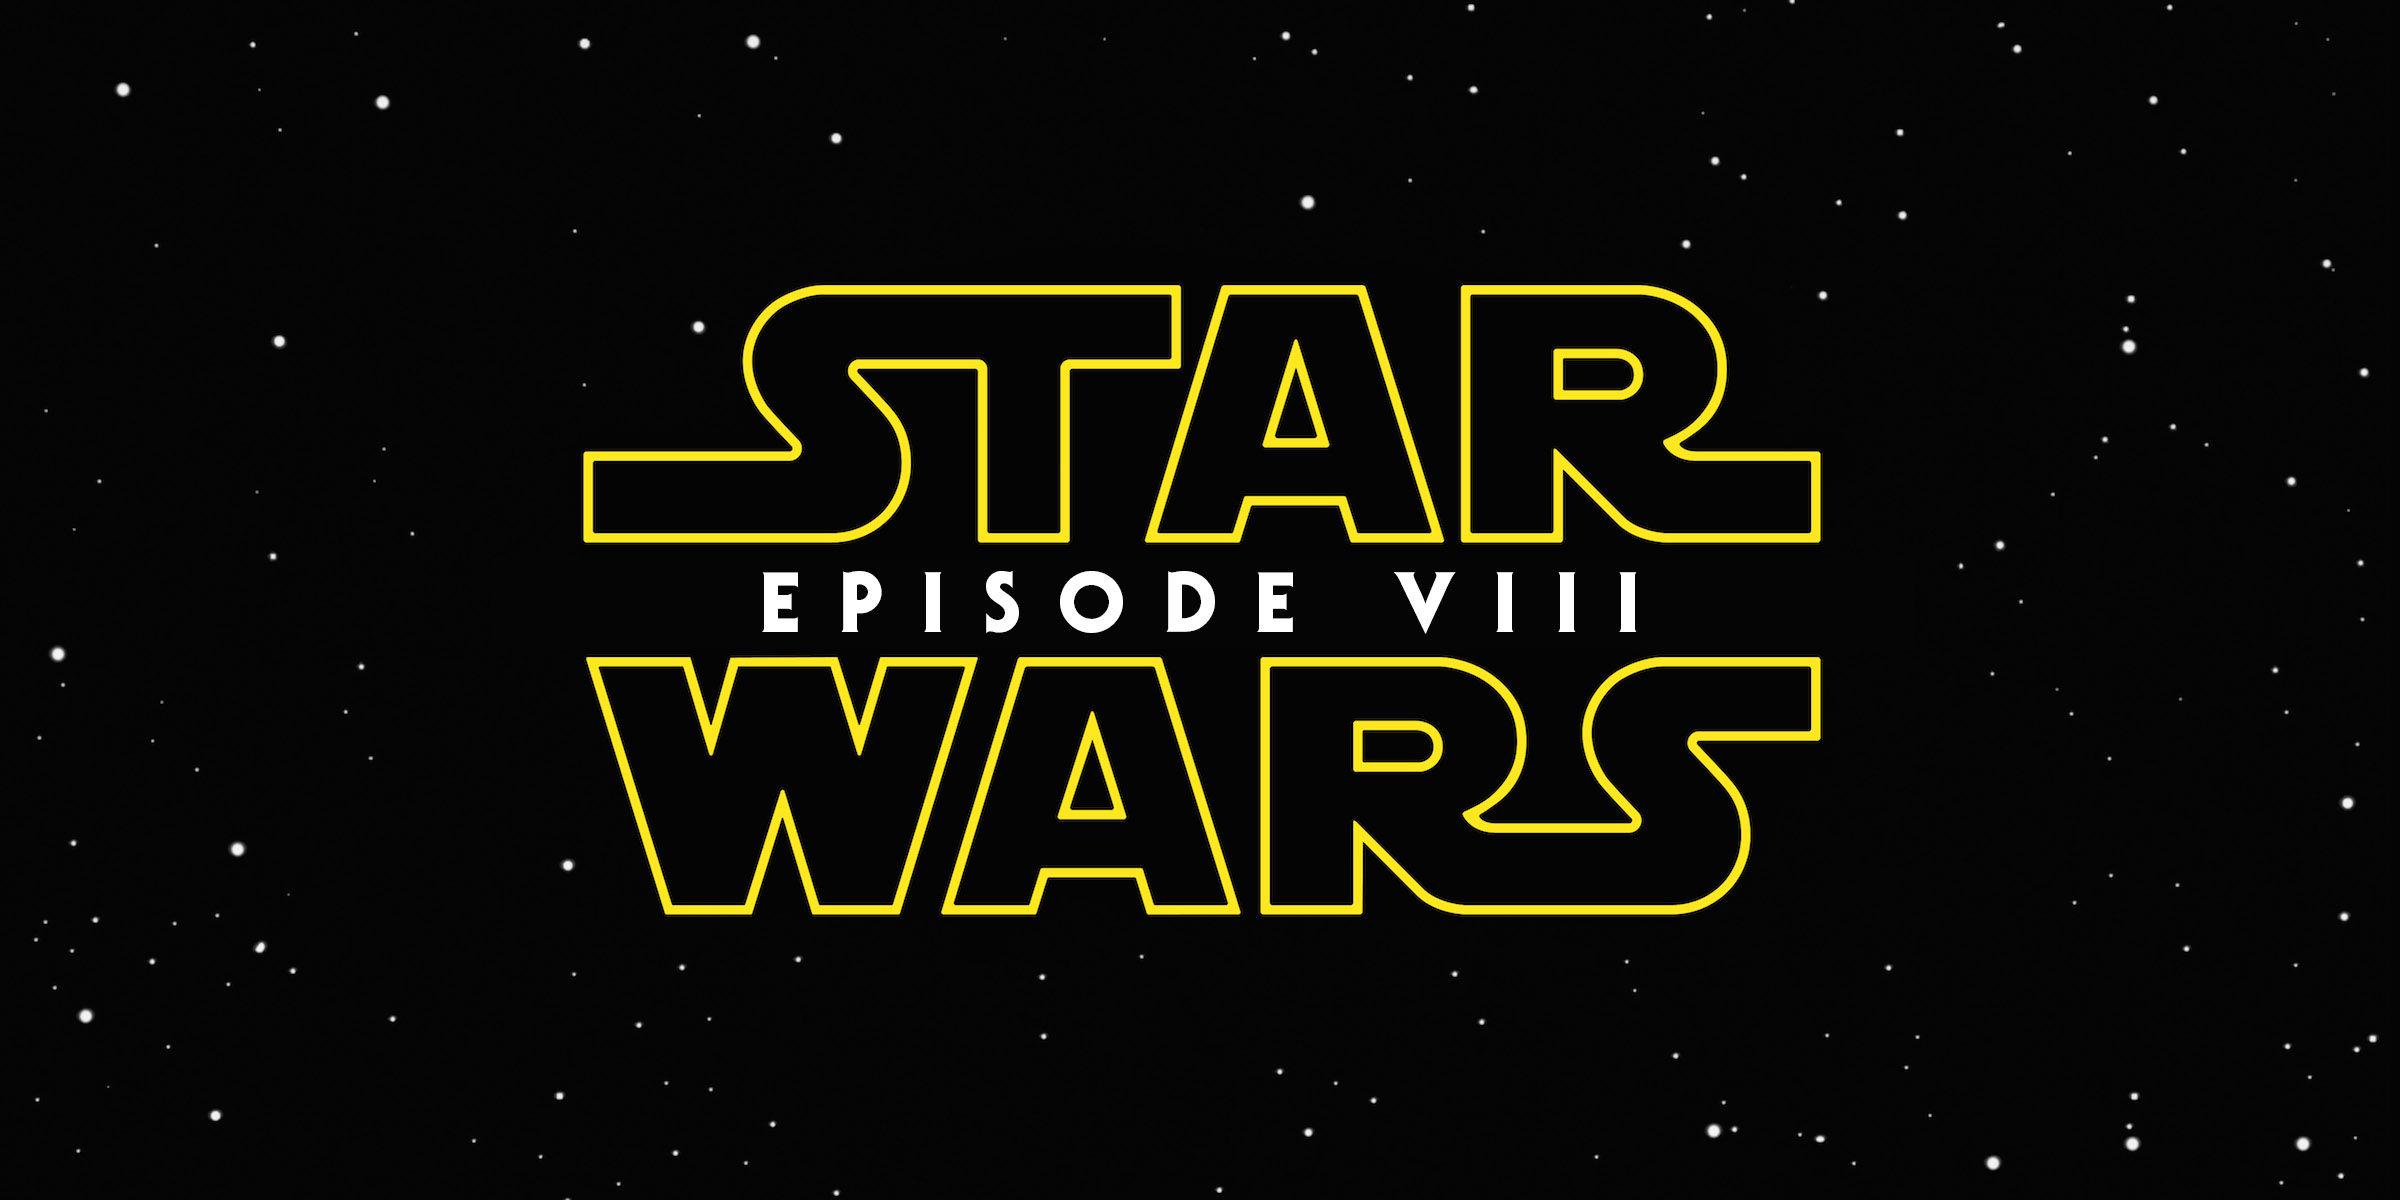 Объявлена дата окончания съёмок Star Wars: Episode VIII